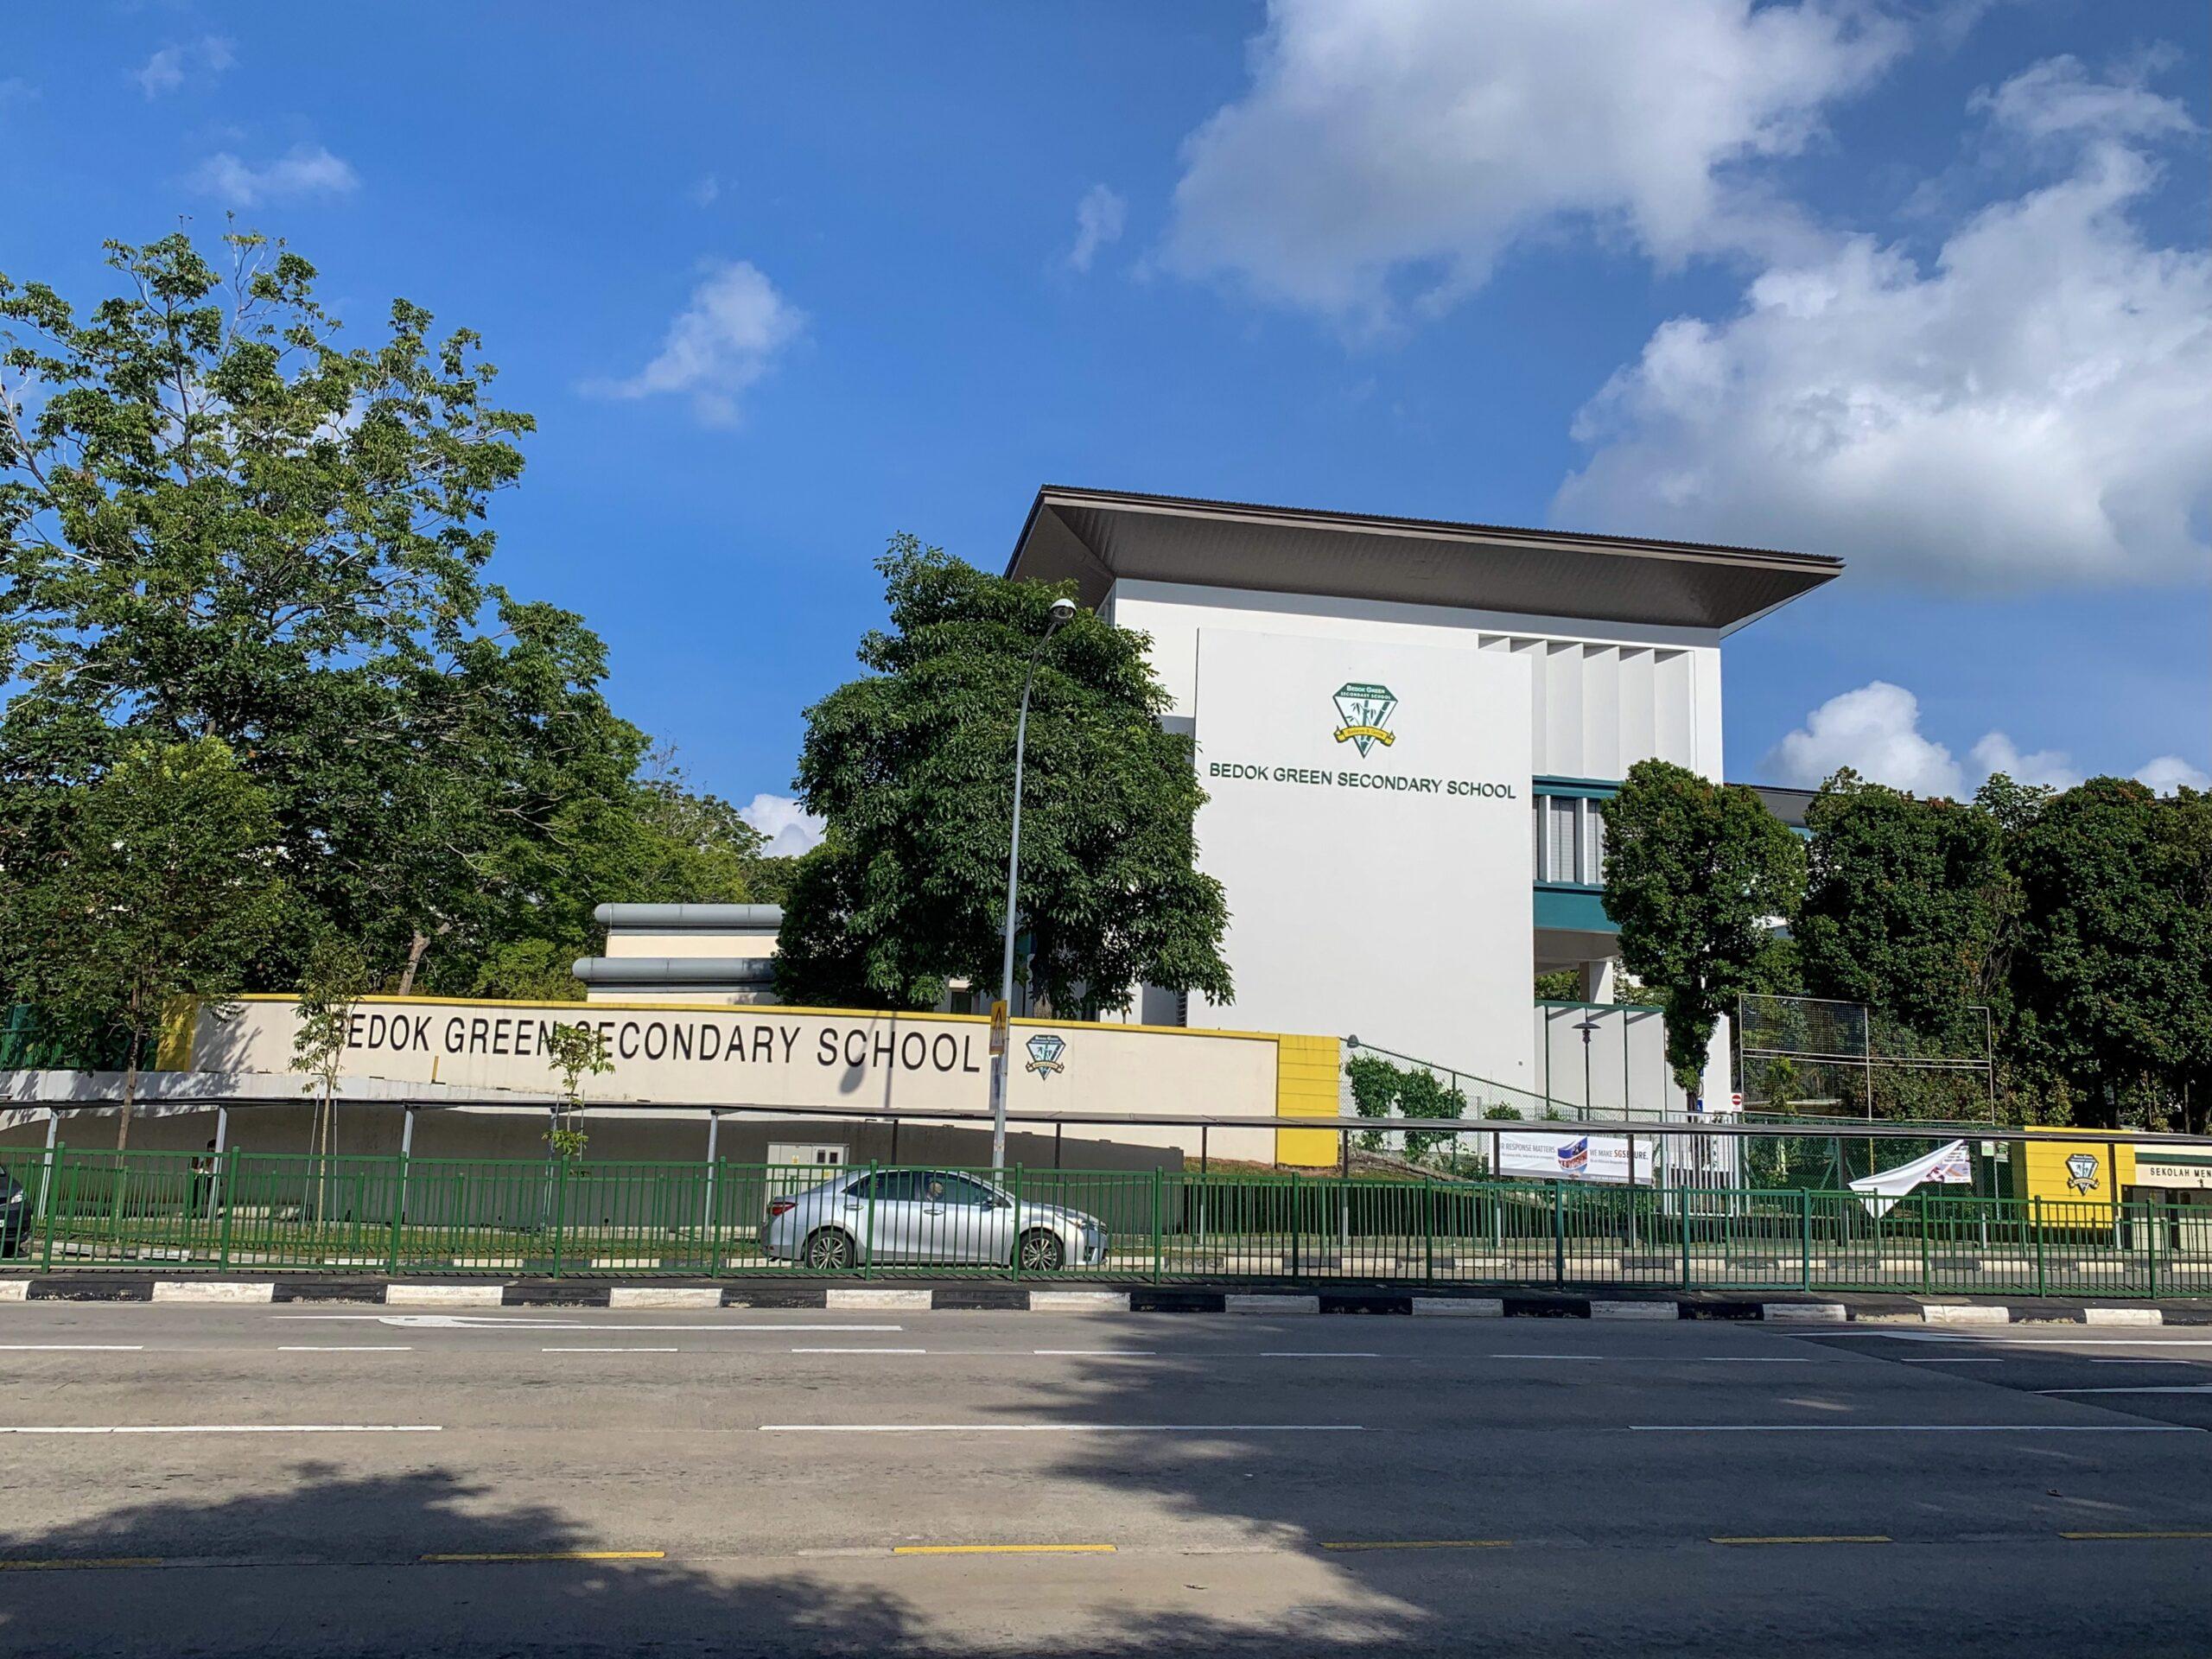 Bedok Green Secondary School